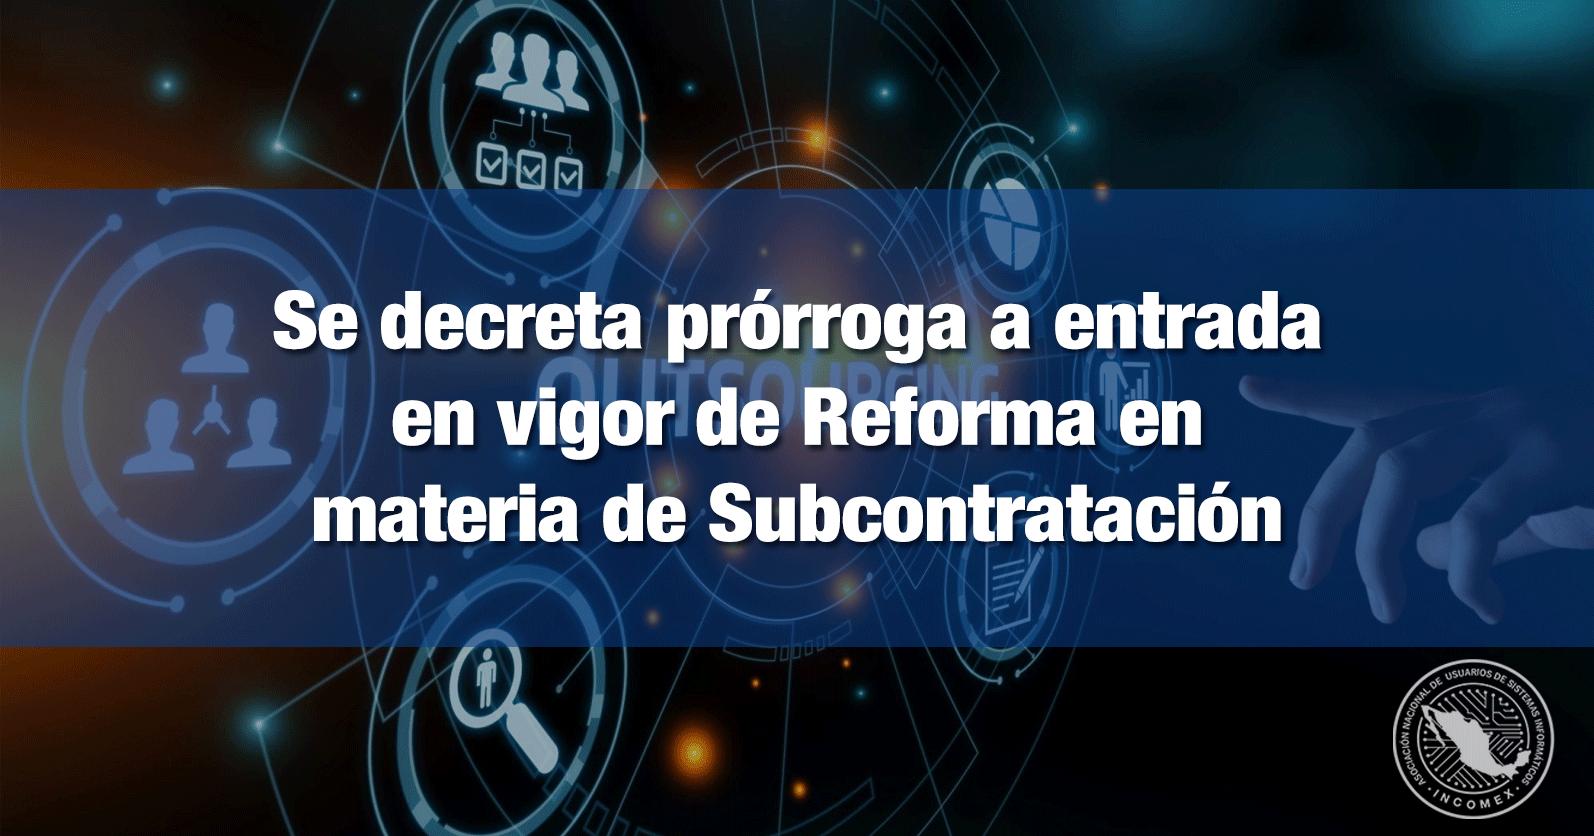 Se decreta prórroga a entrada en vigor de Reforma en materia de Subcontratación